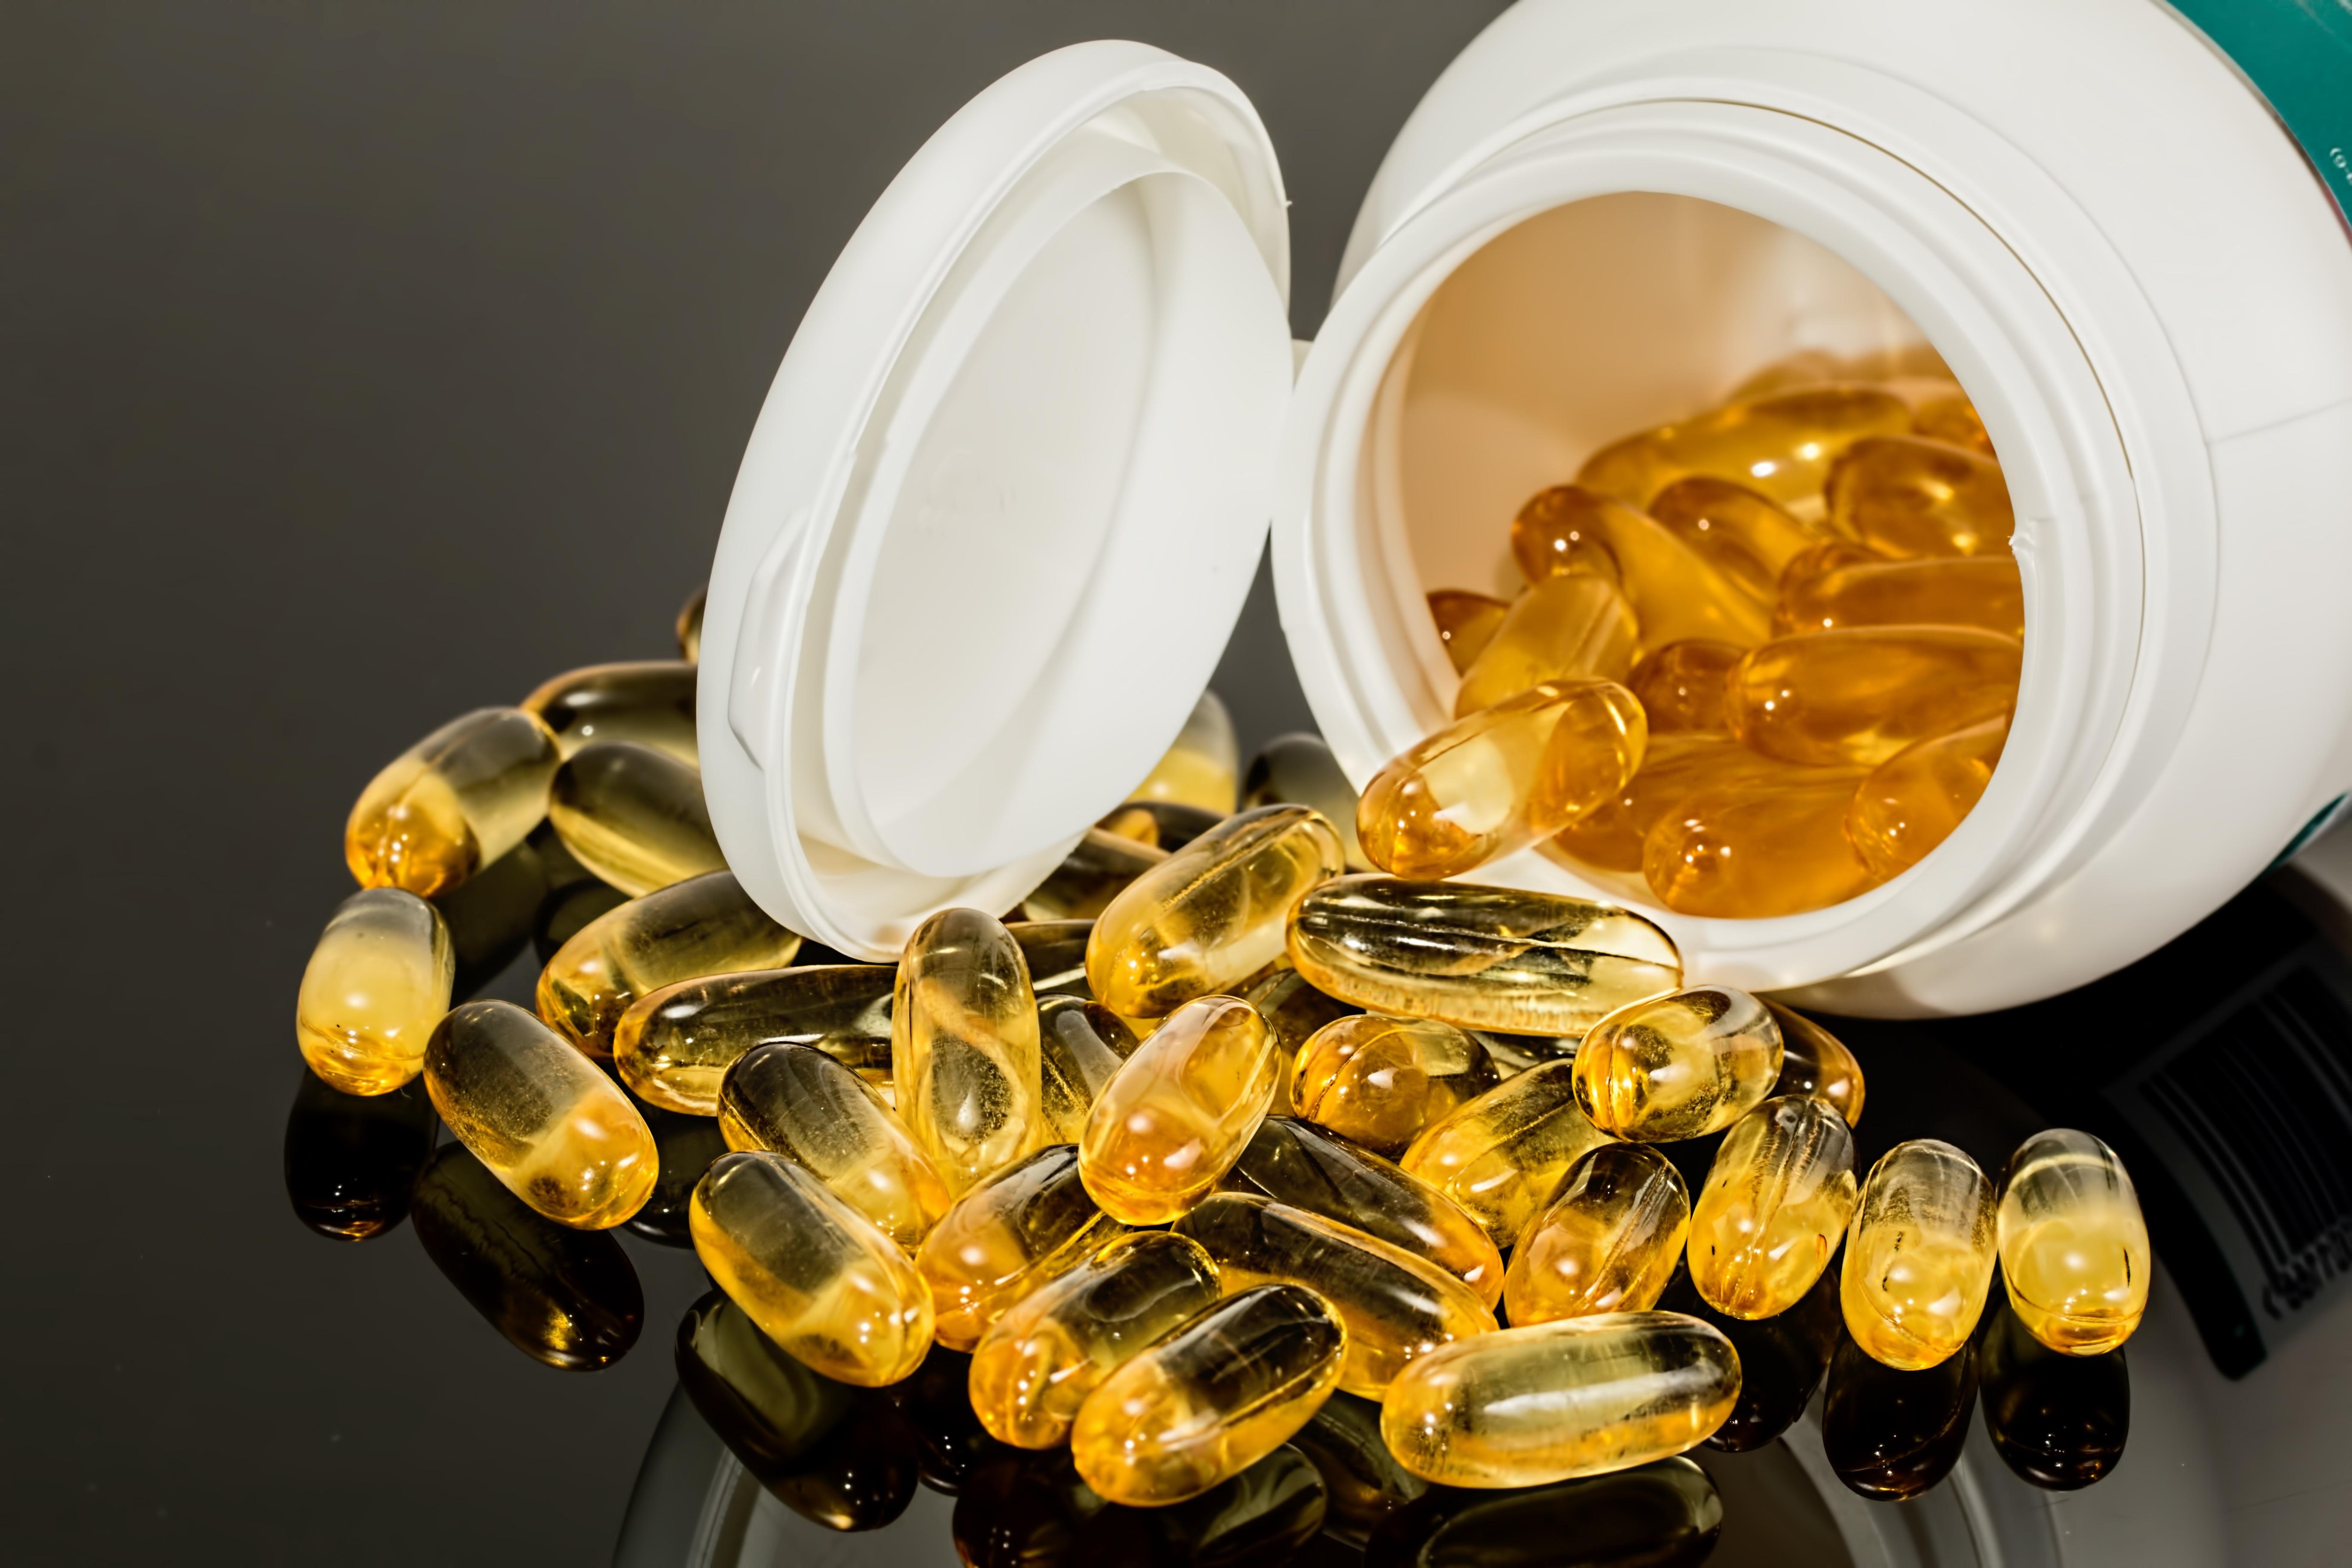 Gambar Menghasilkan Kuning Obat Kesehatan Invertebrata Kapsul Minyak Ikan Produk Emas Tembus Cahaya Makanan Farmasi Gel Vitamin Amber Fotografi Makro Suplemen Pil Memperbaiki